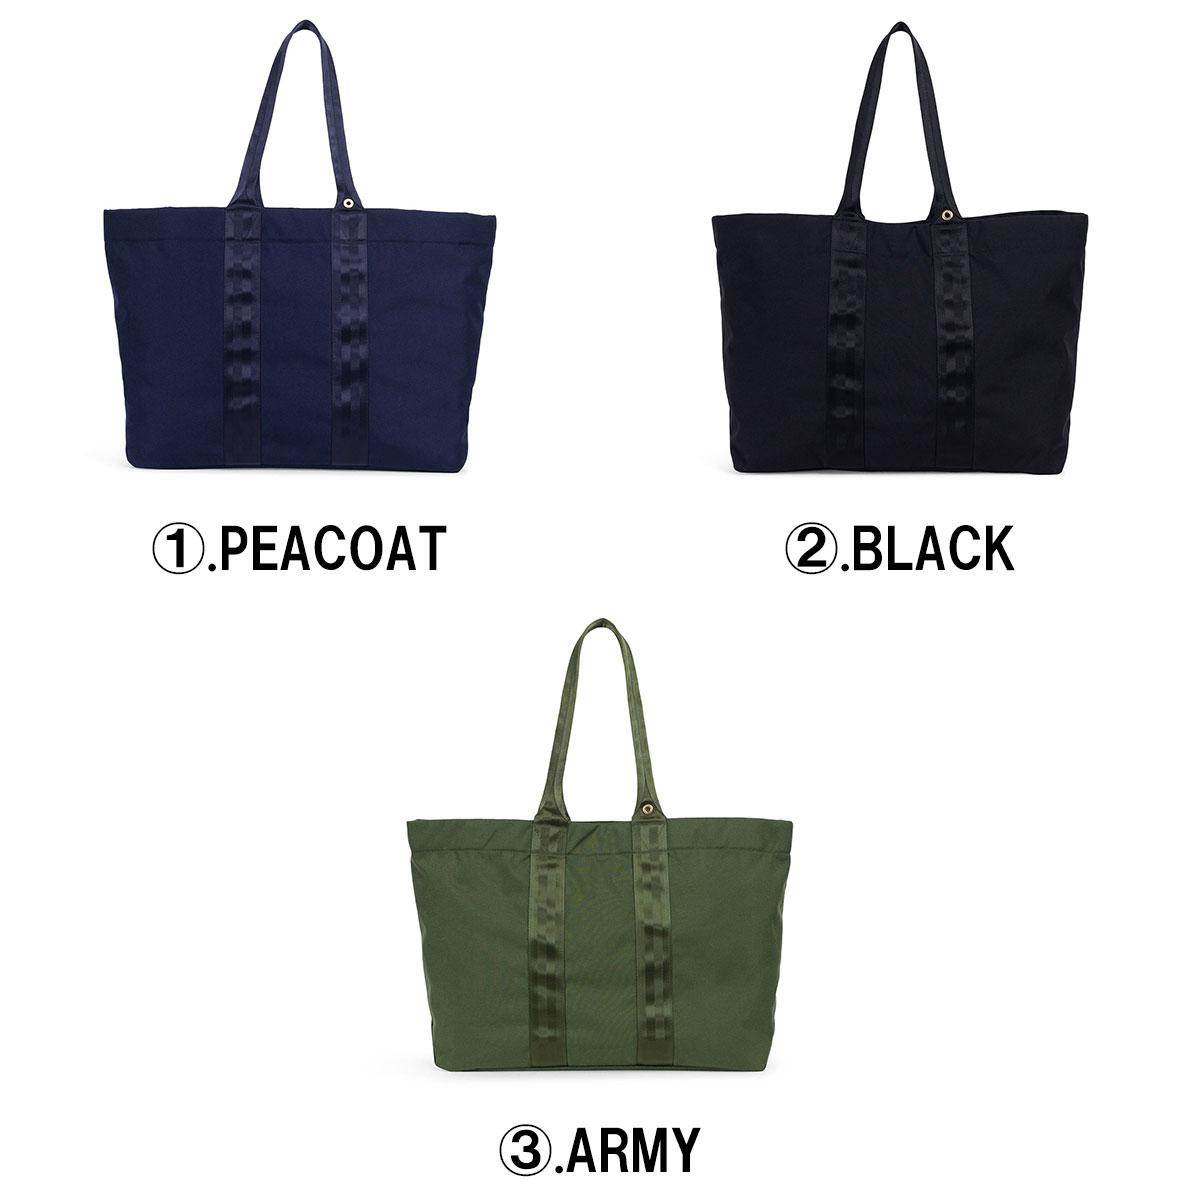 af04f3657e Hershel supply Herschel Supply regular store bag tote bag H-445 TOTE BAG  BHW 10418-OS